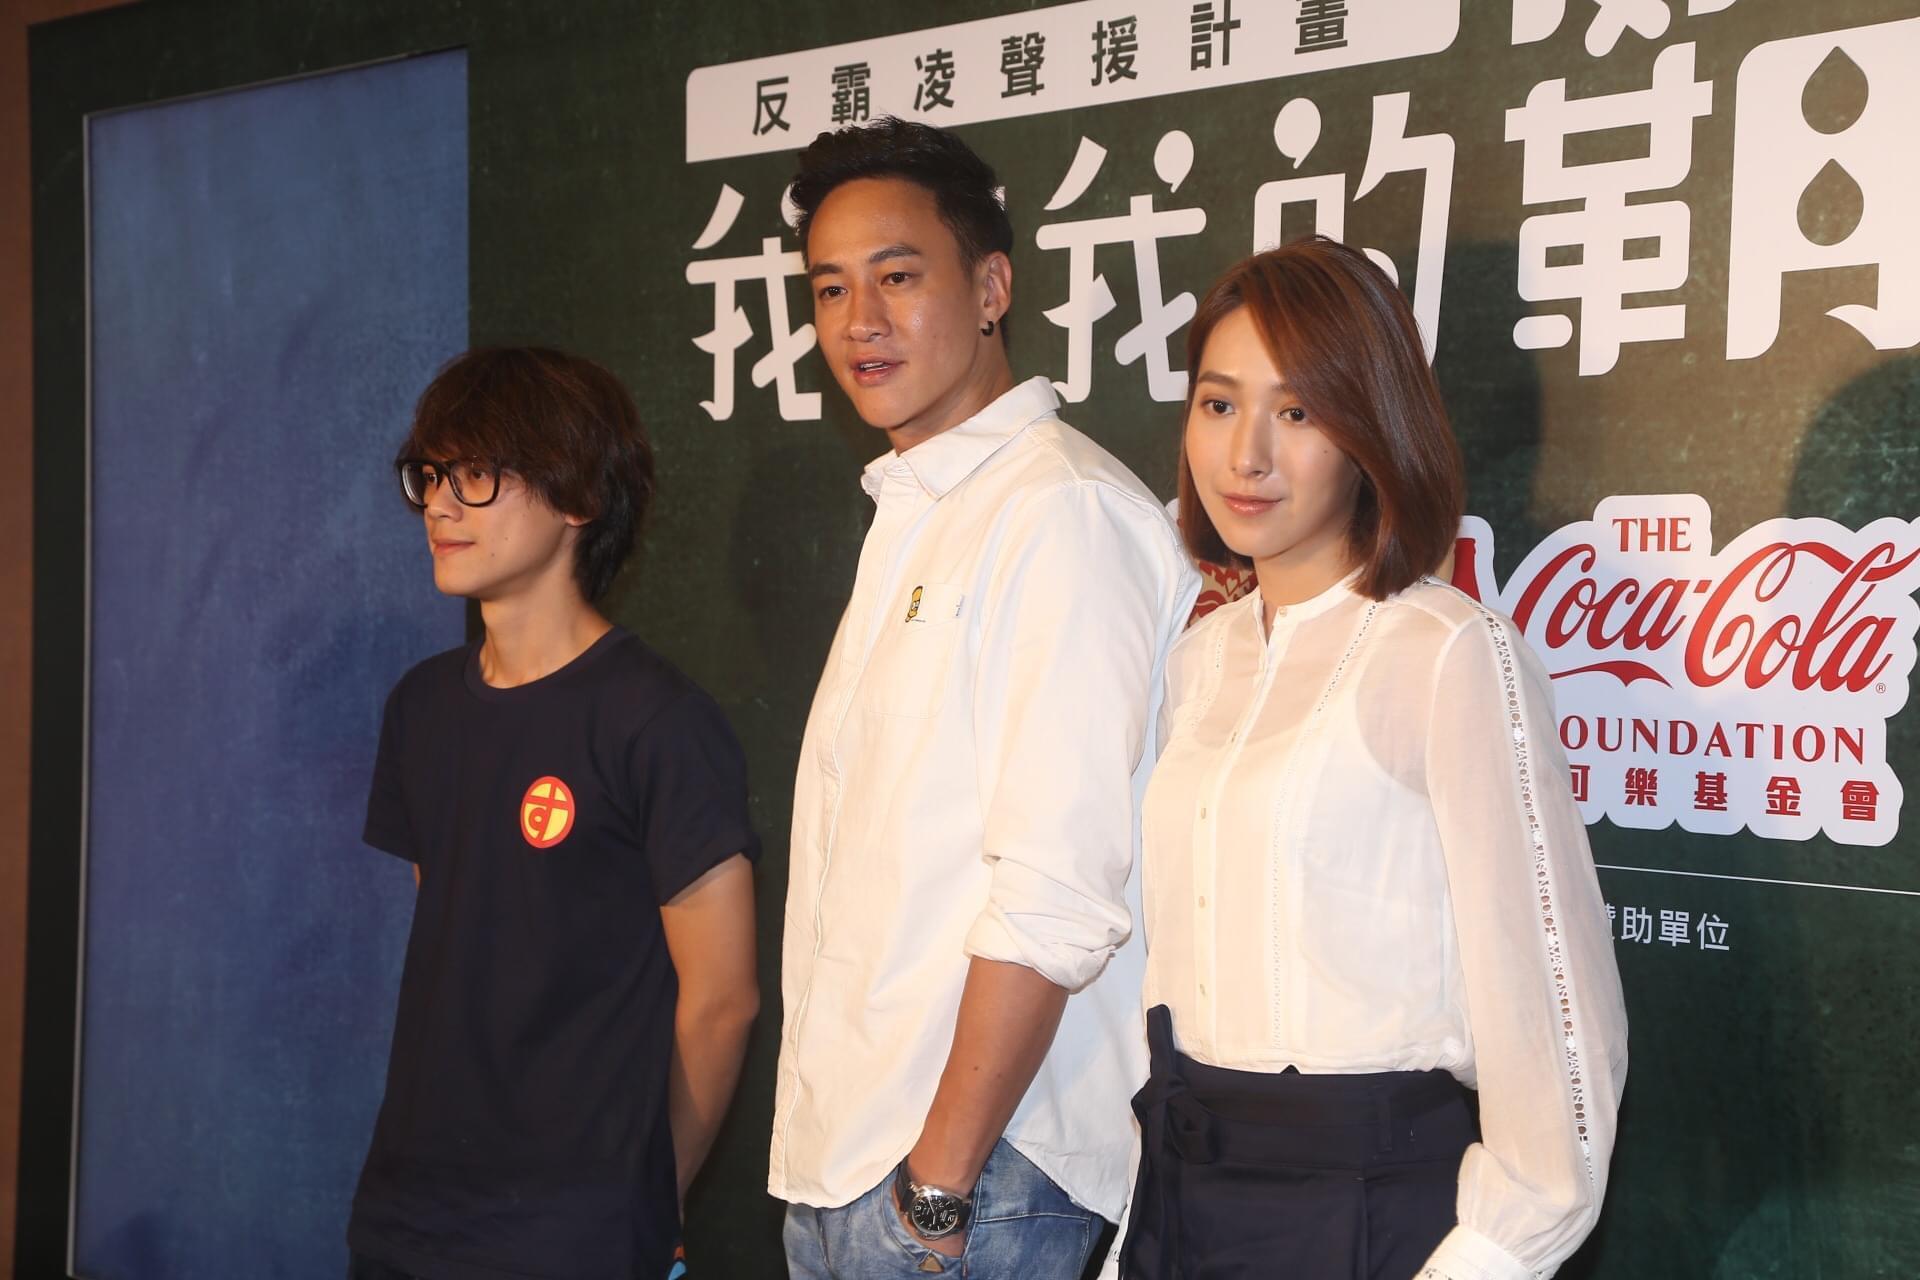 何润东求学被骂中国猪 拍戏被霸凌险退演艺圈